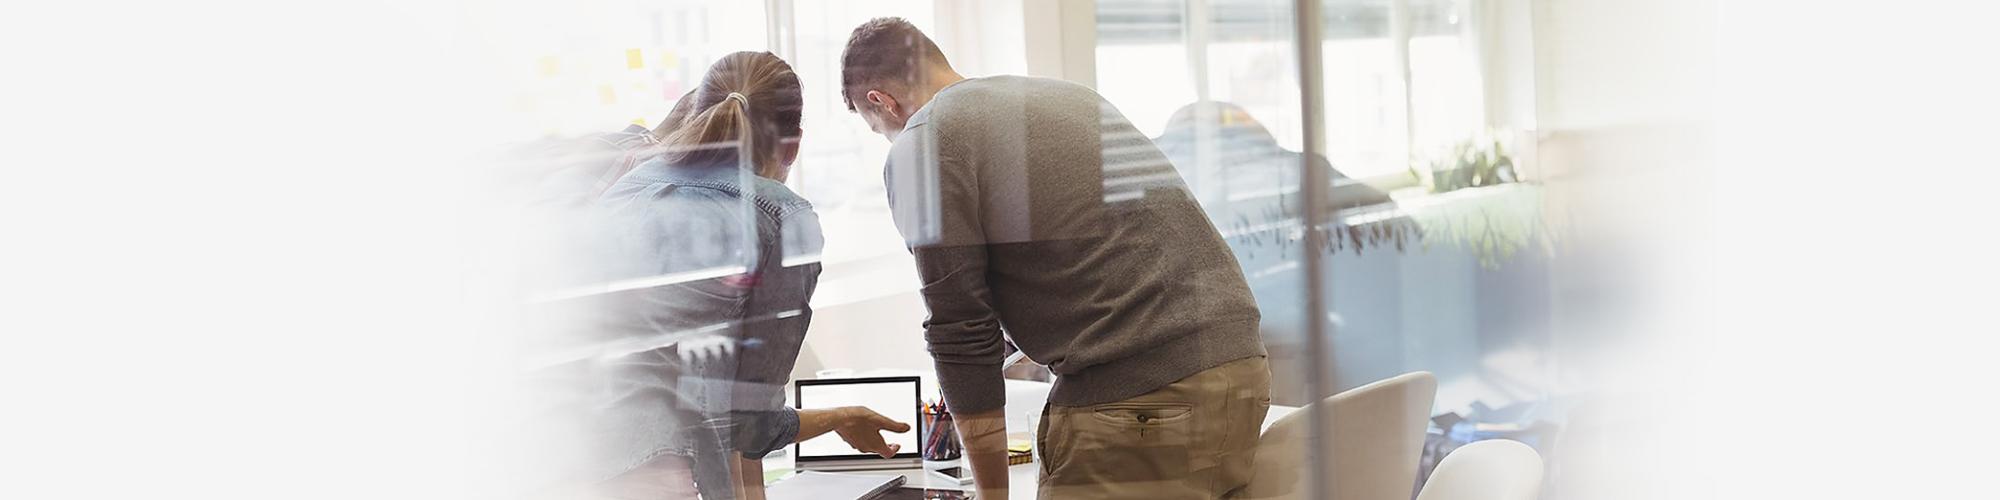 Bild einer Besprechungsszene vor einem Laptop in einem modernen Office